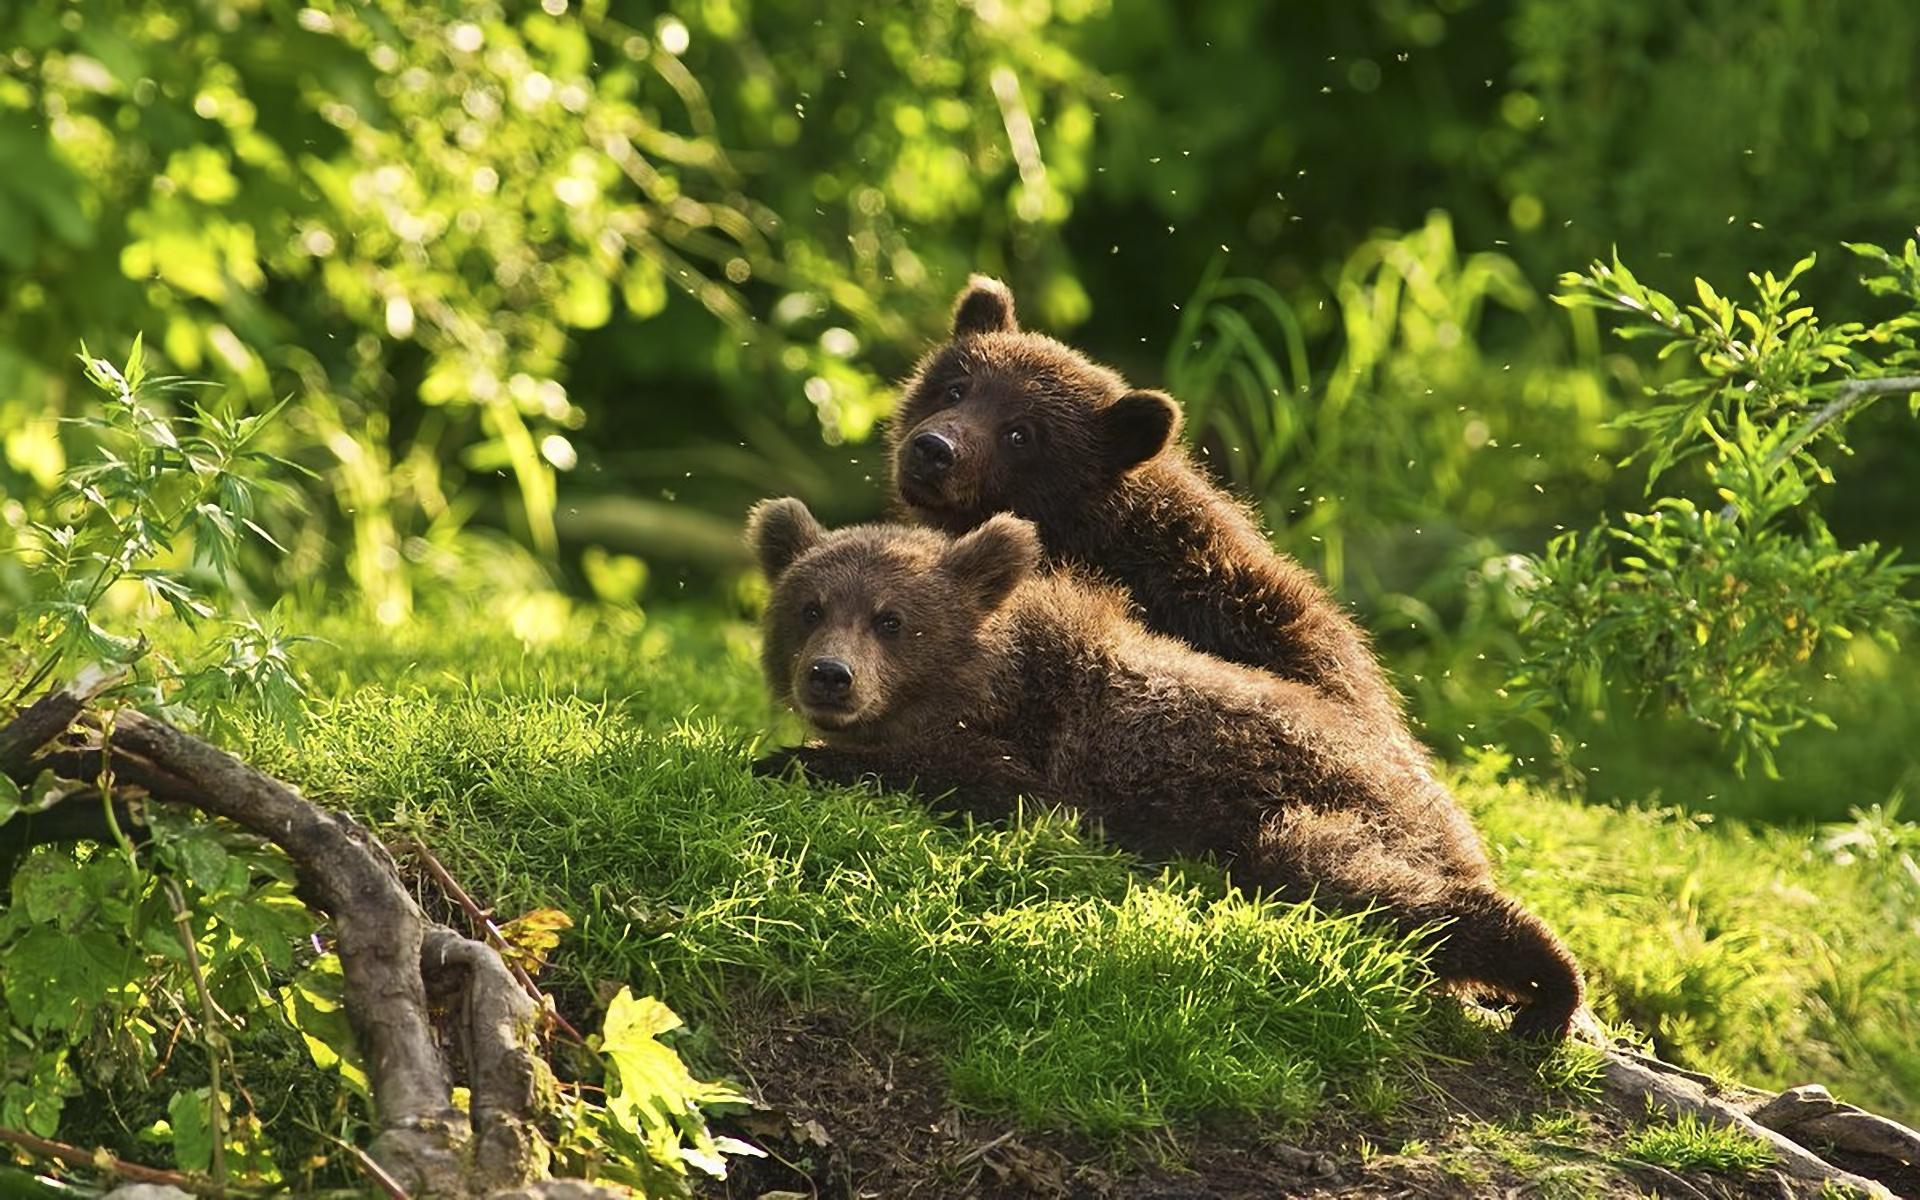 wallpapers brown bear lists bears animals desktop 1920x1200